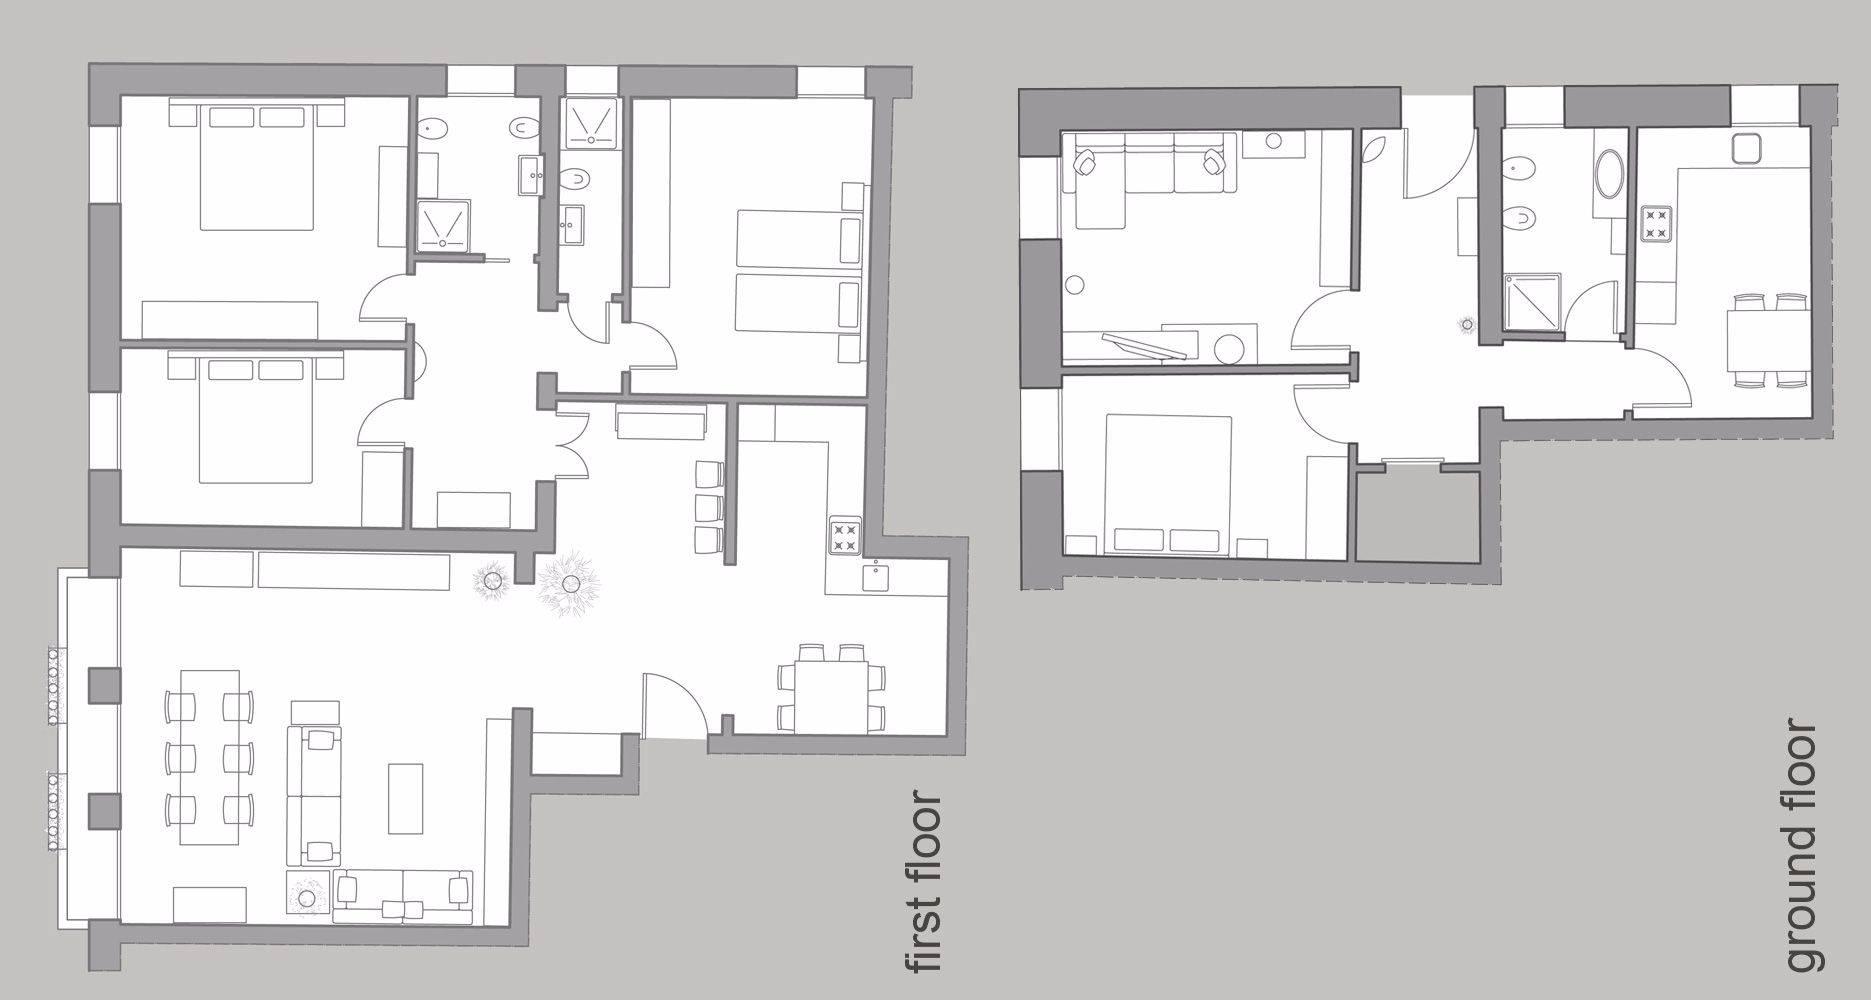 Cà Pesaro Premium floor plan